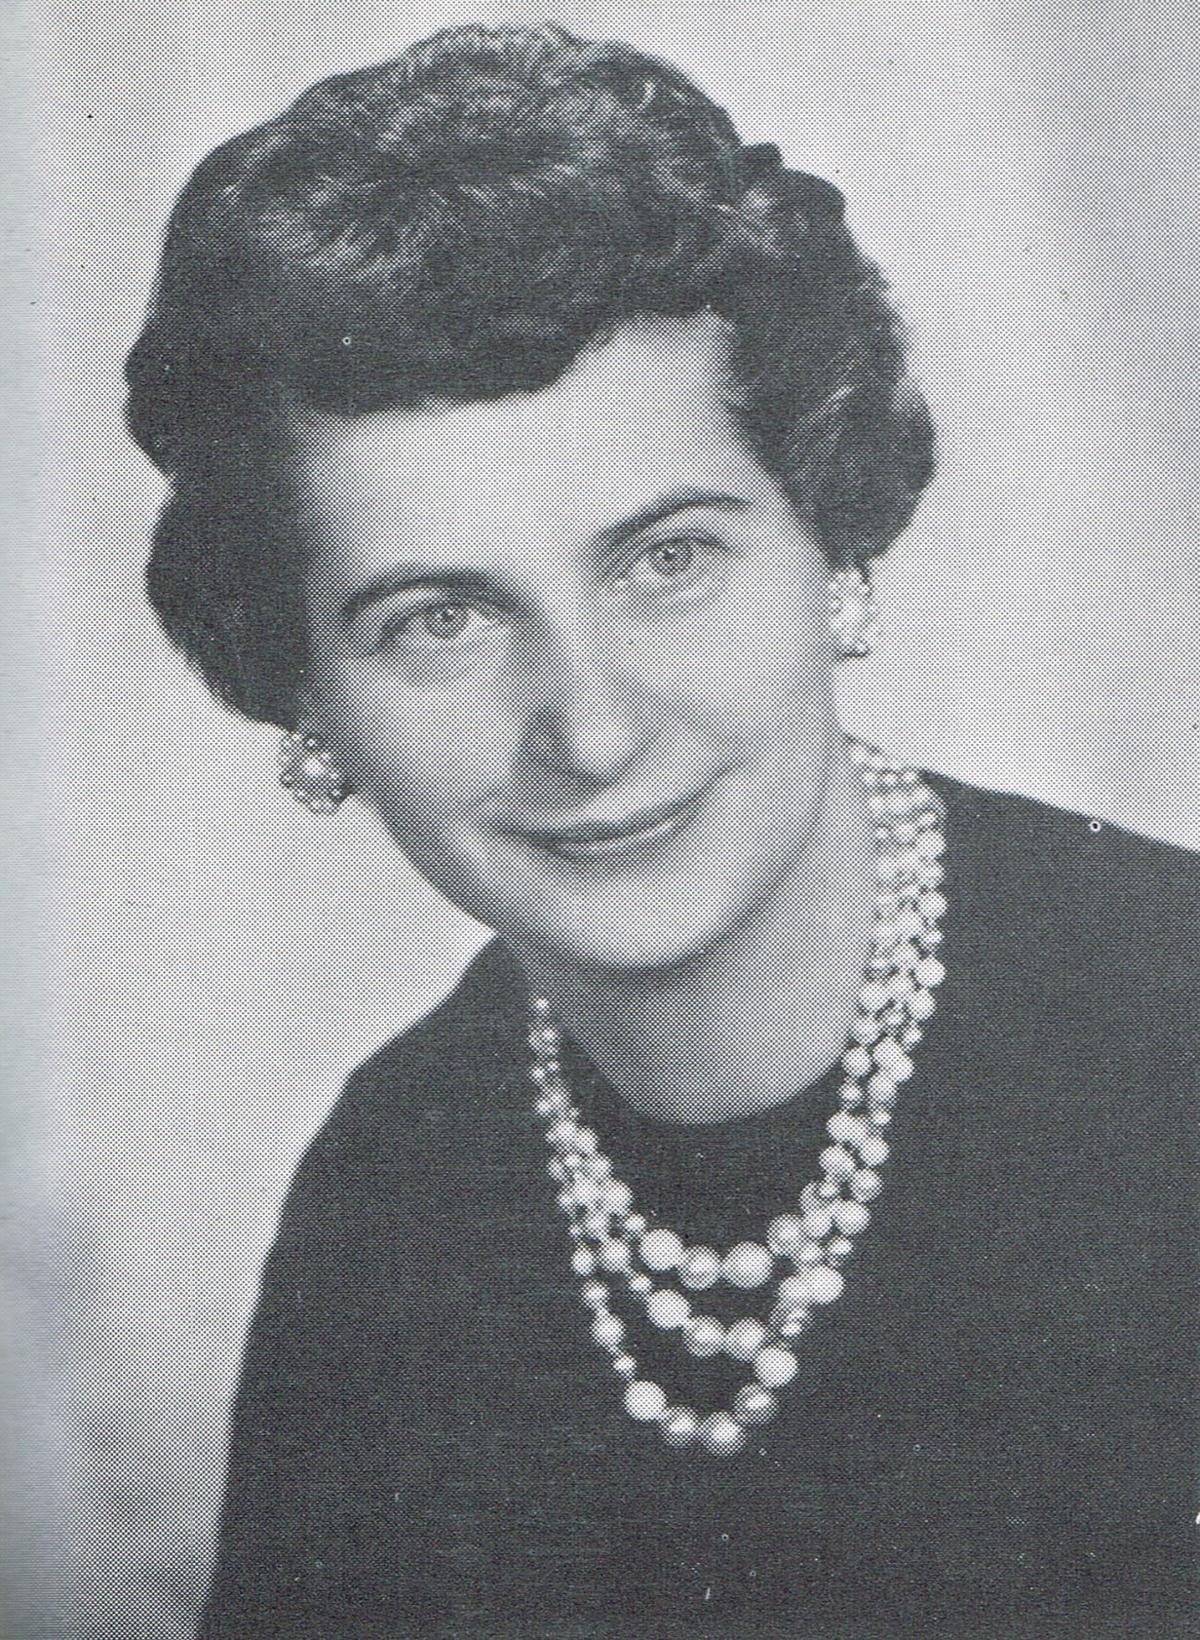 Delphine Peterson